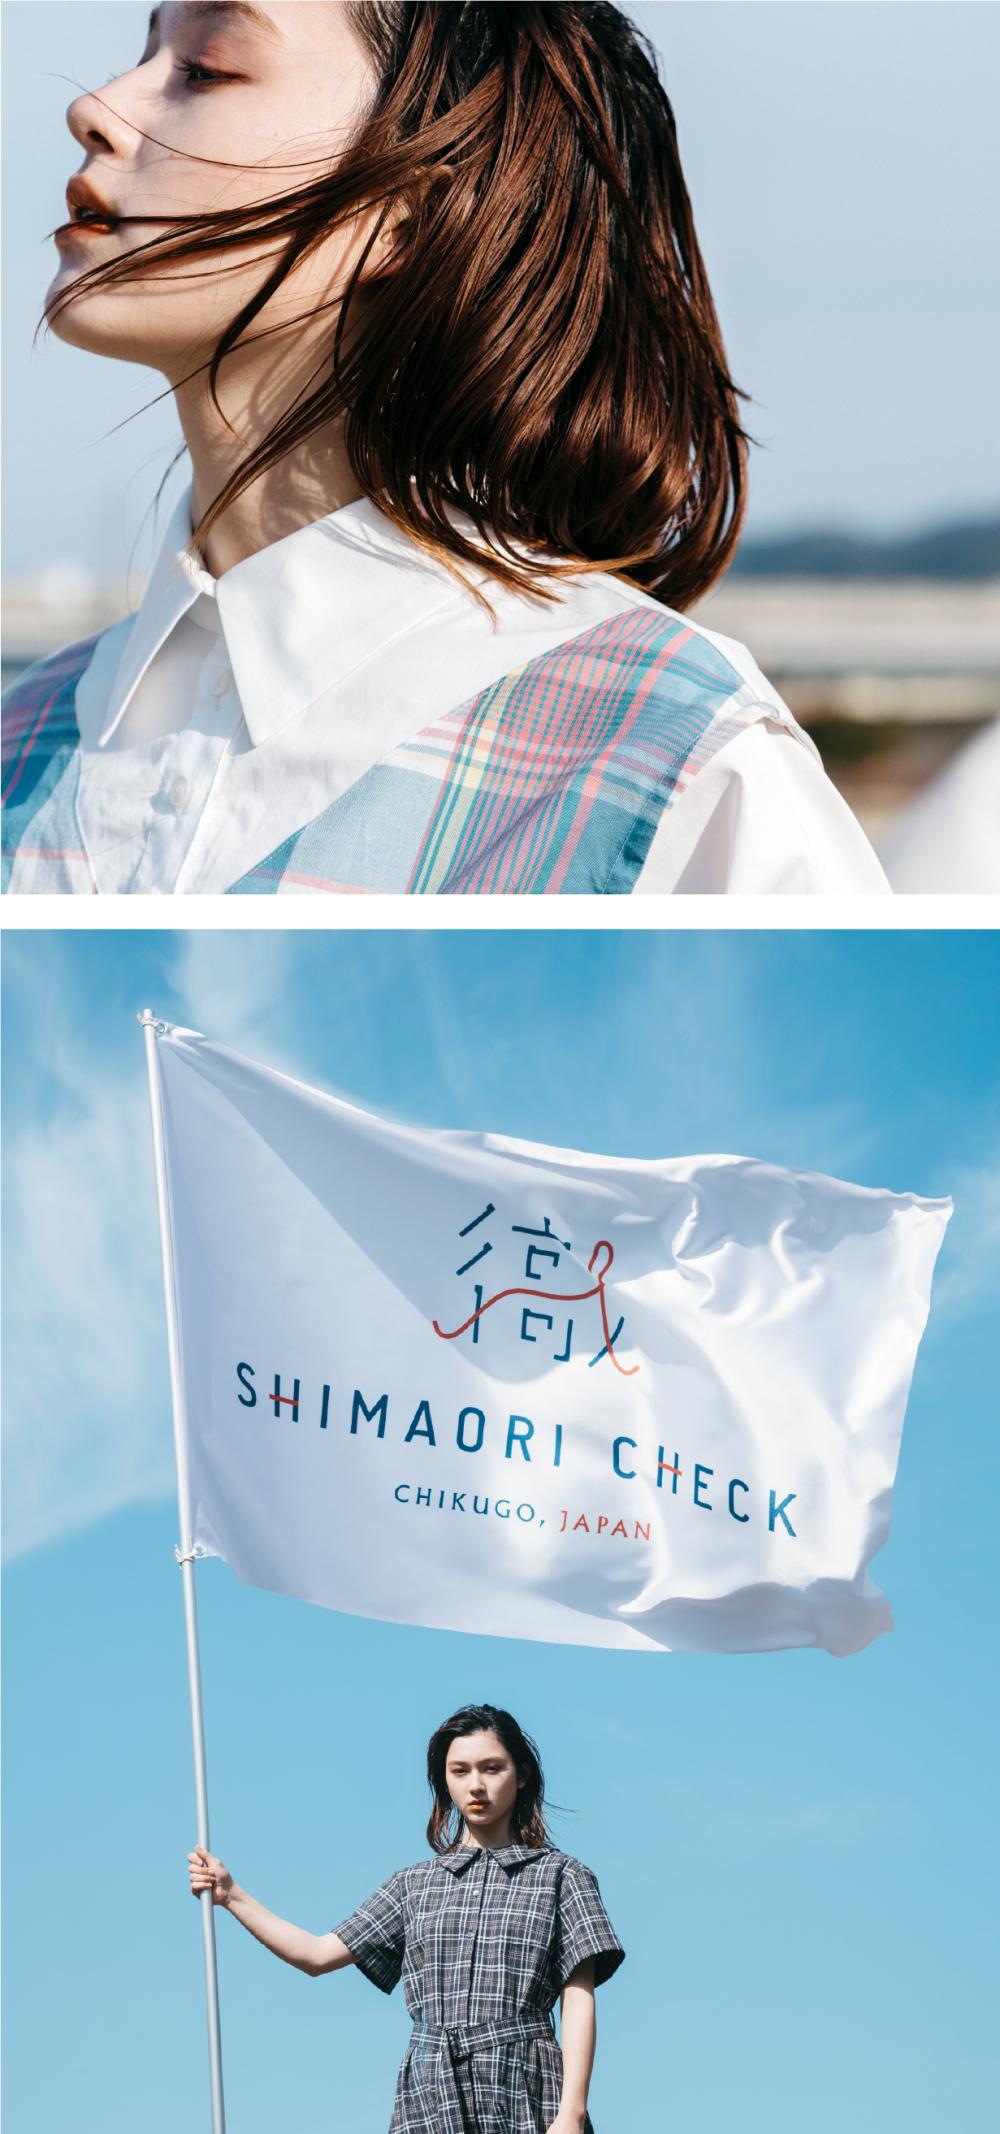 久留米縞織 チェック柄ブランド シマオリチェック